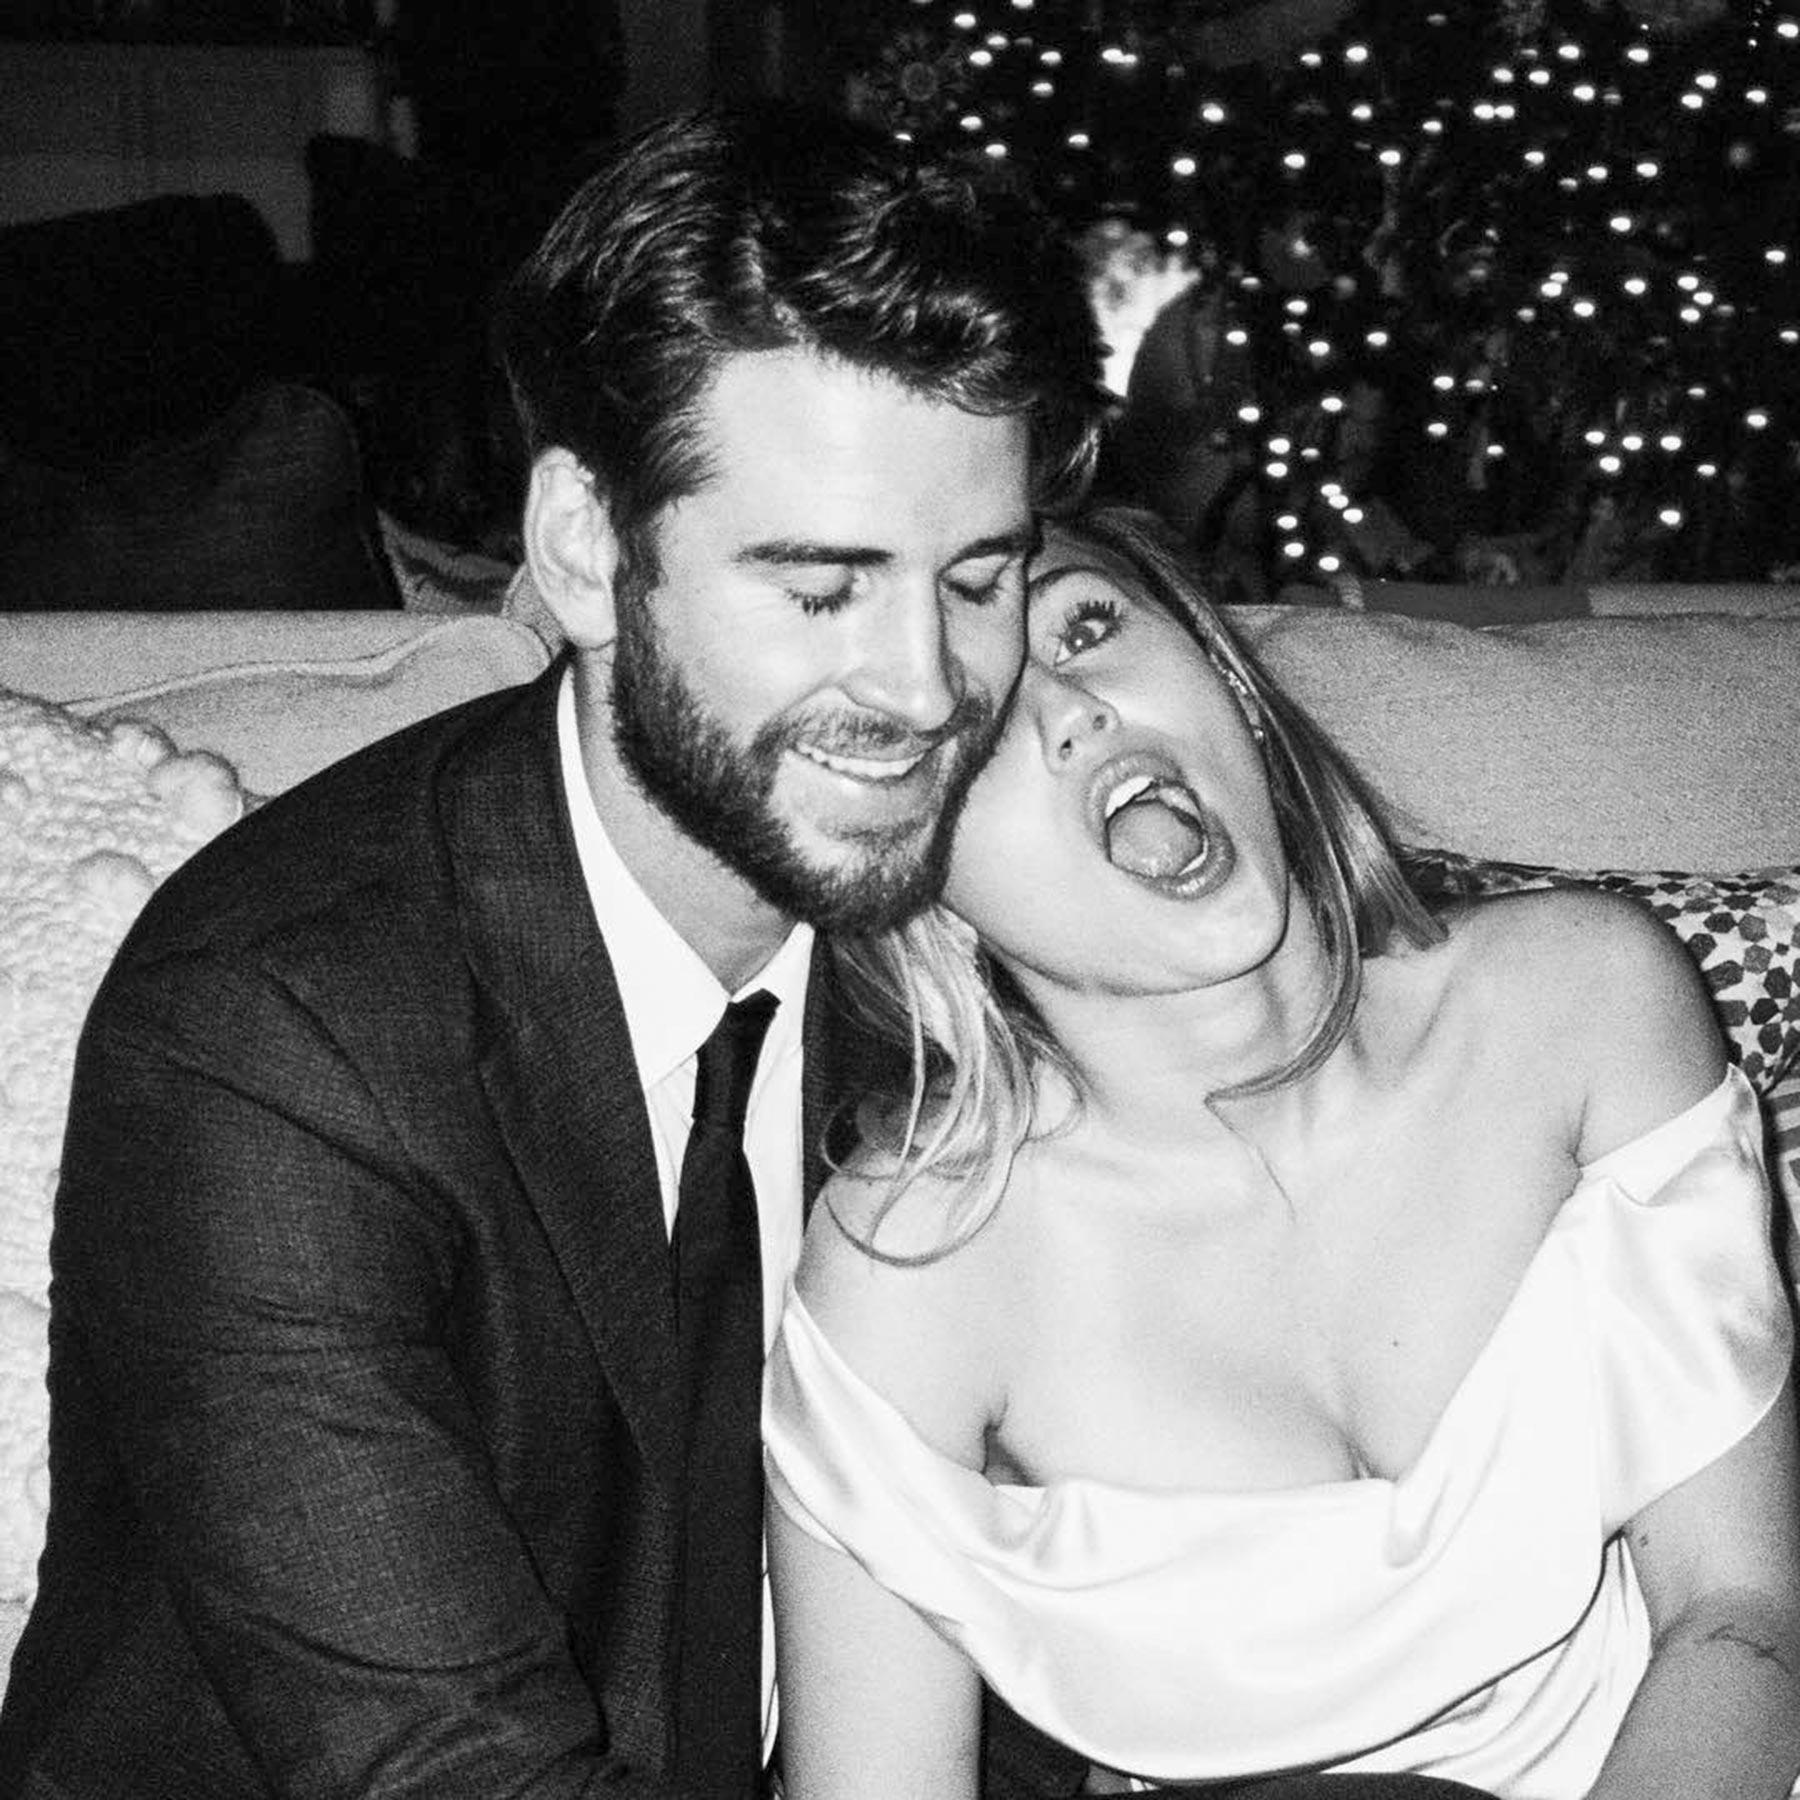 https://www.instagram.com/p/Bt4EhjFhJZD/ Miley Cyrus and Liam Hemsworth Wedding CR: Miley Cyrus/Instagram